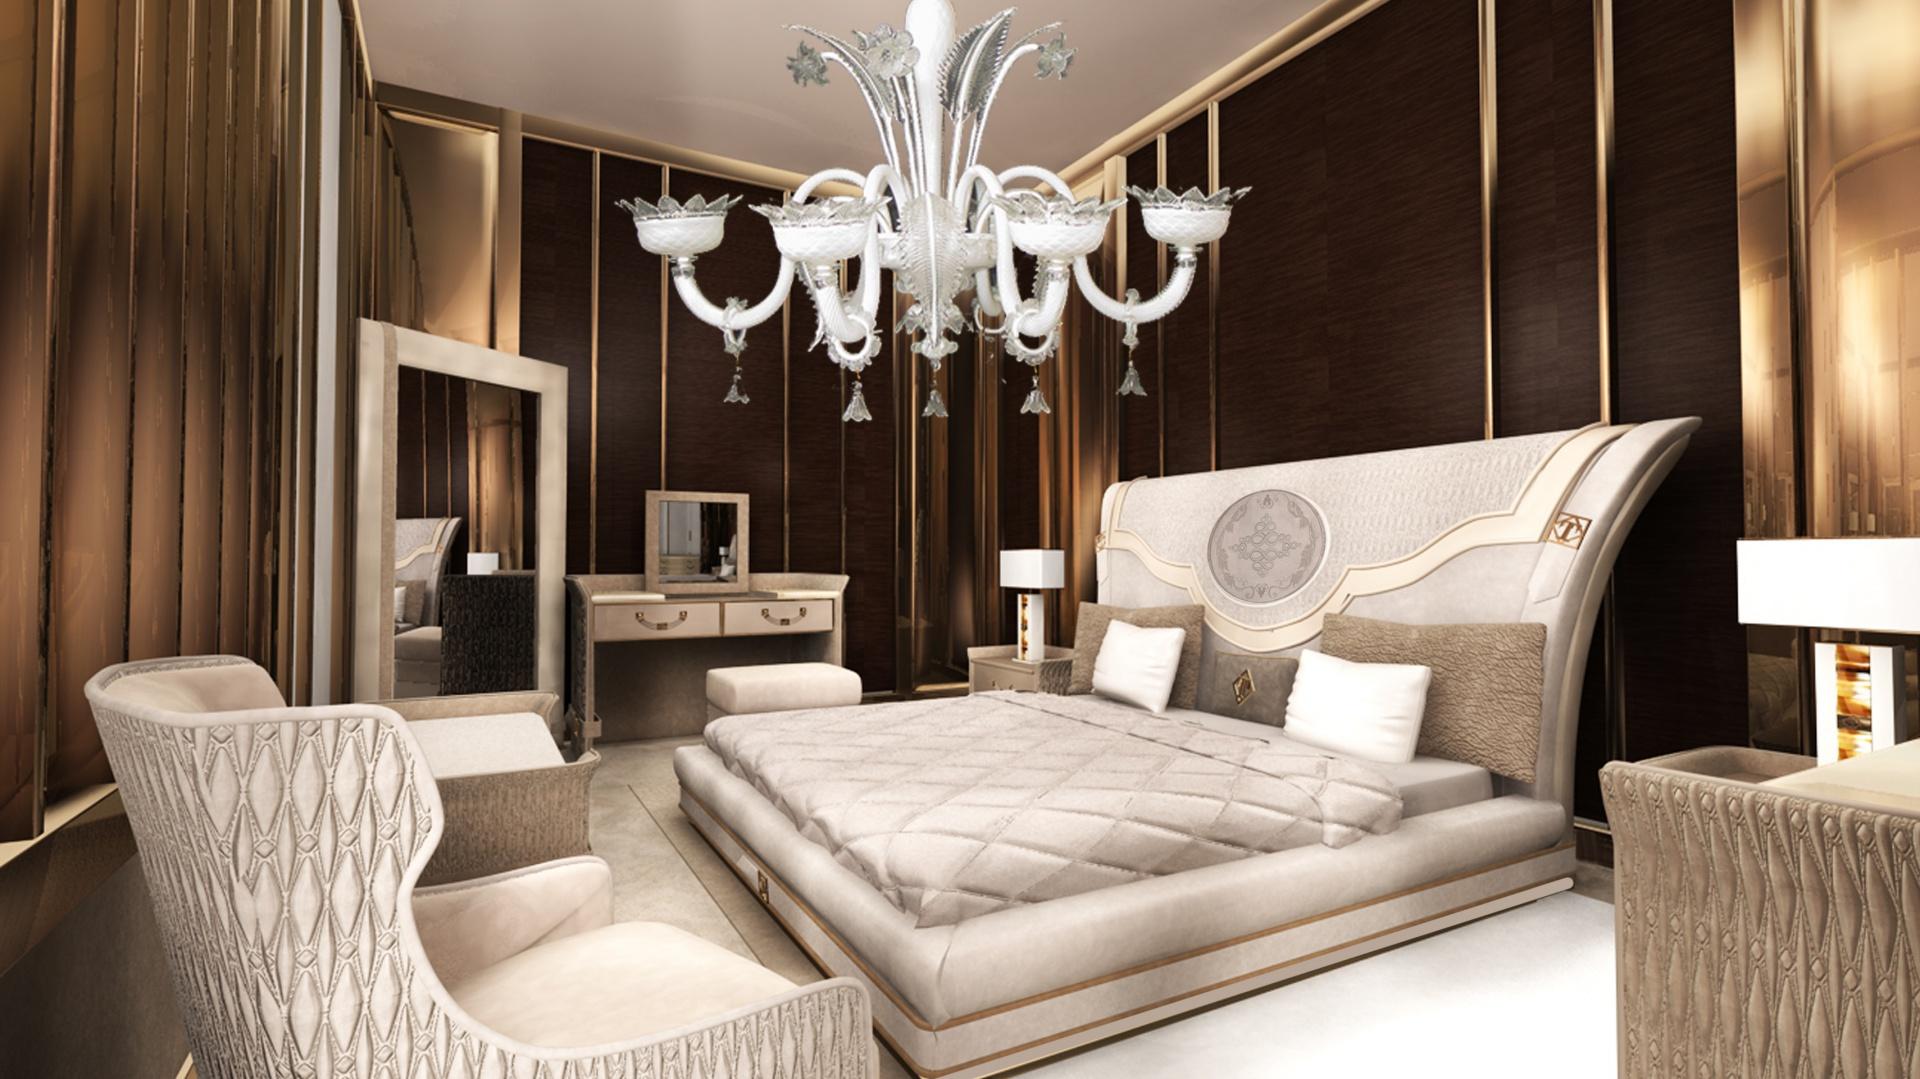 Sypialnia W Stylu Glamour Piękne łóżka W Jasnych Kolorach